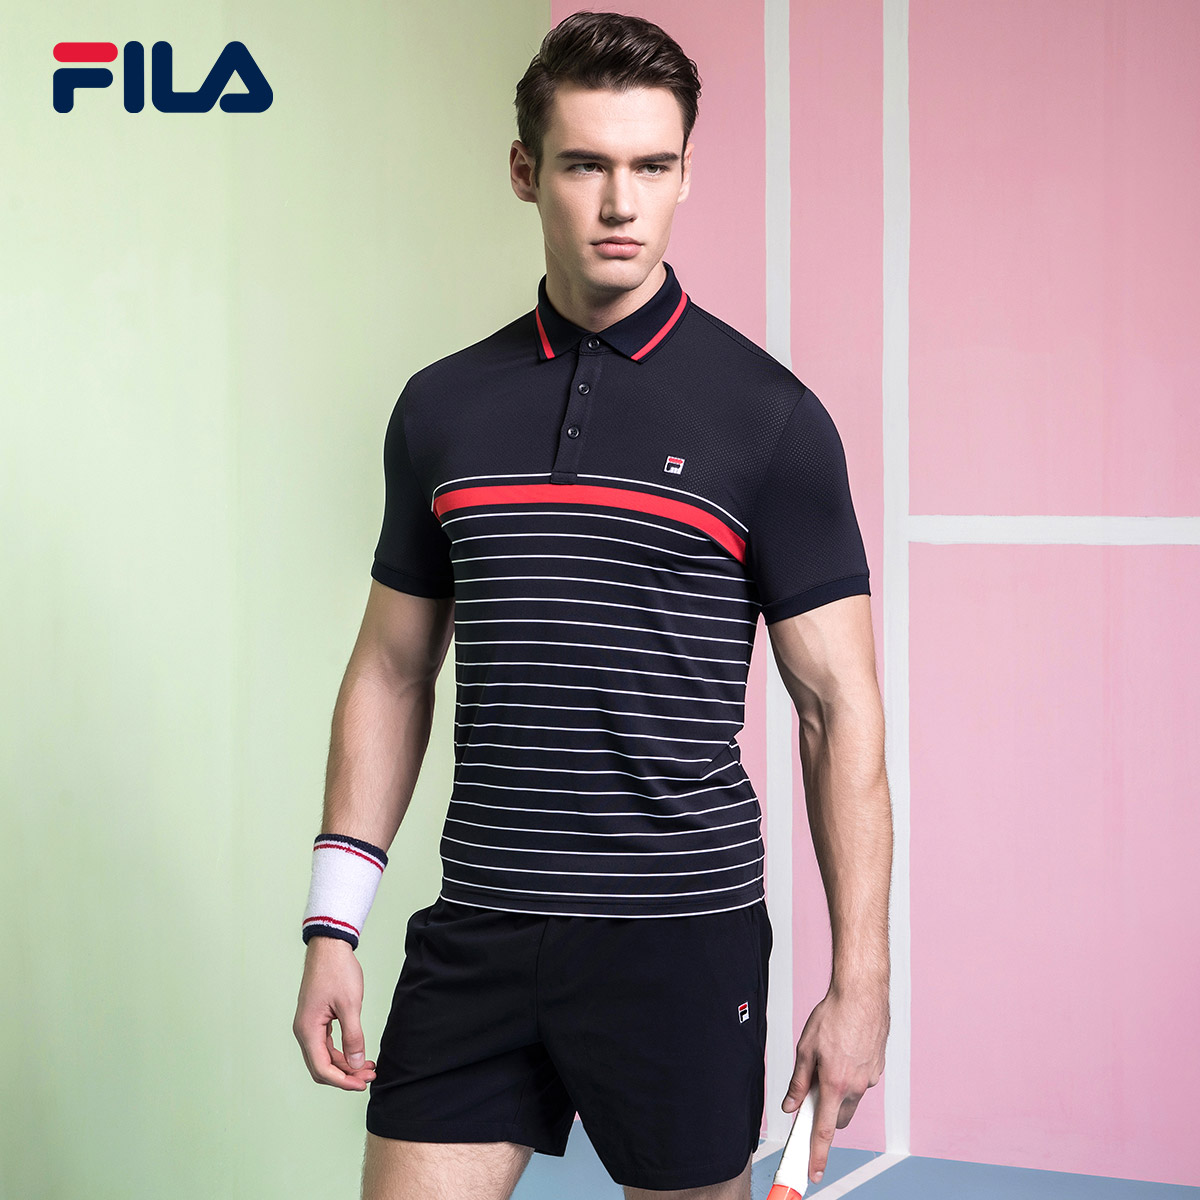 Fila fila quần vợt nam ngắn tay áo 2018 mới thanh lịch thoải mái thể thao giản dị ngắn tay áo polo áo sơ mi nam